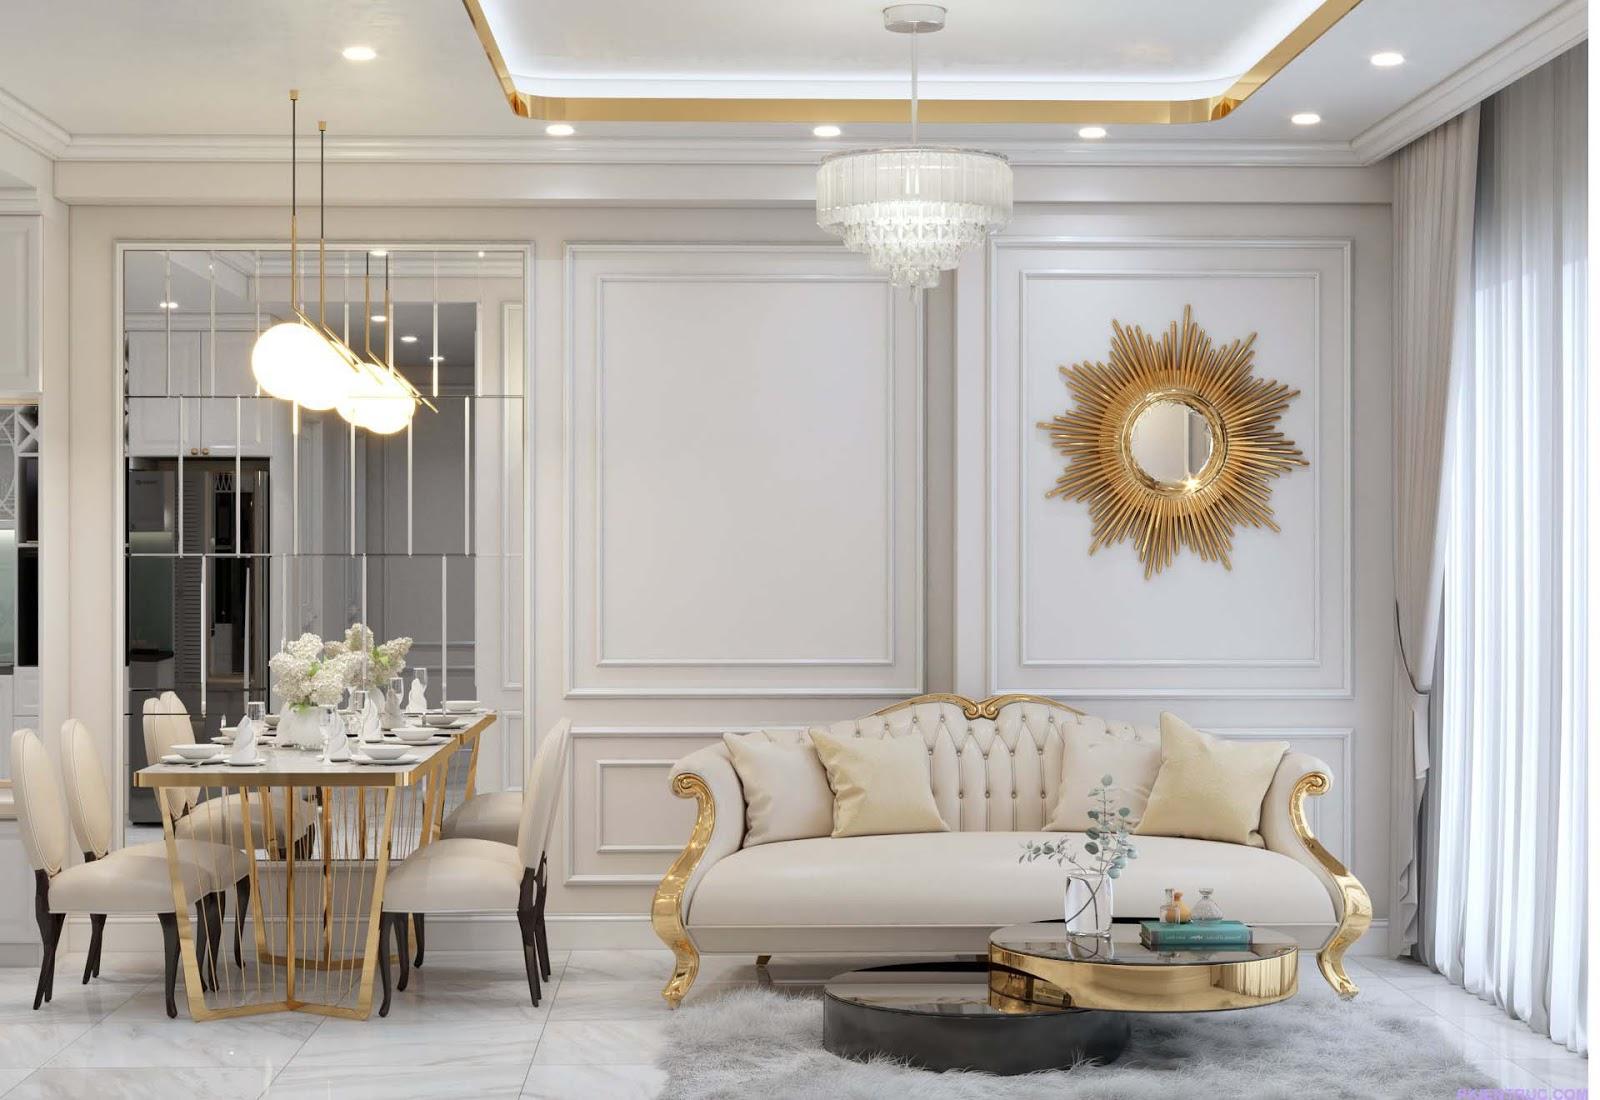 View render Nội thất phòng khách kiểu tân cổ điển